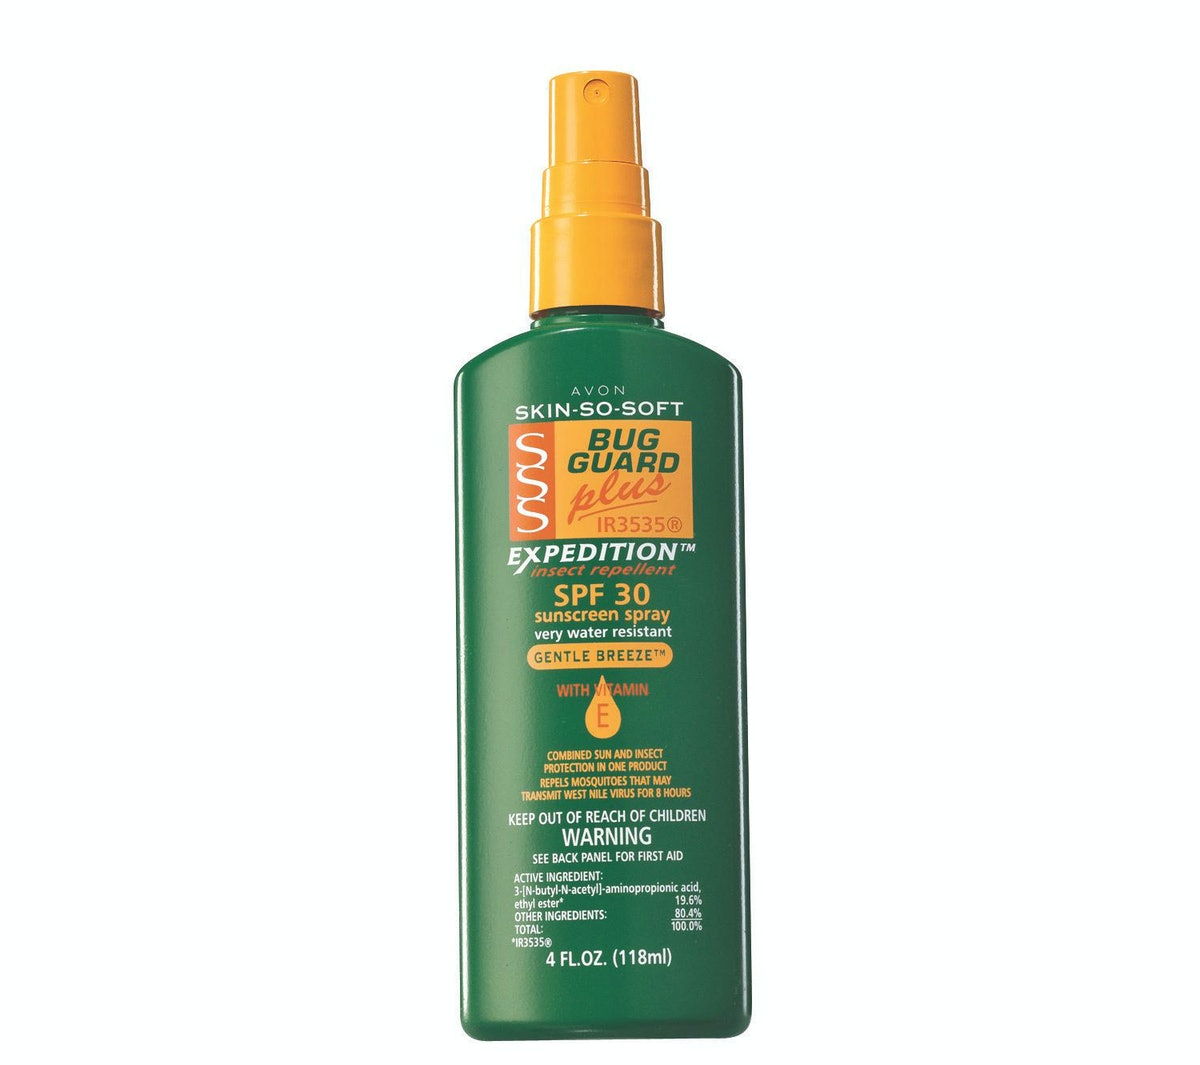 Avon Skin So Soft Sunscreen